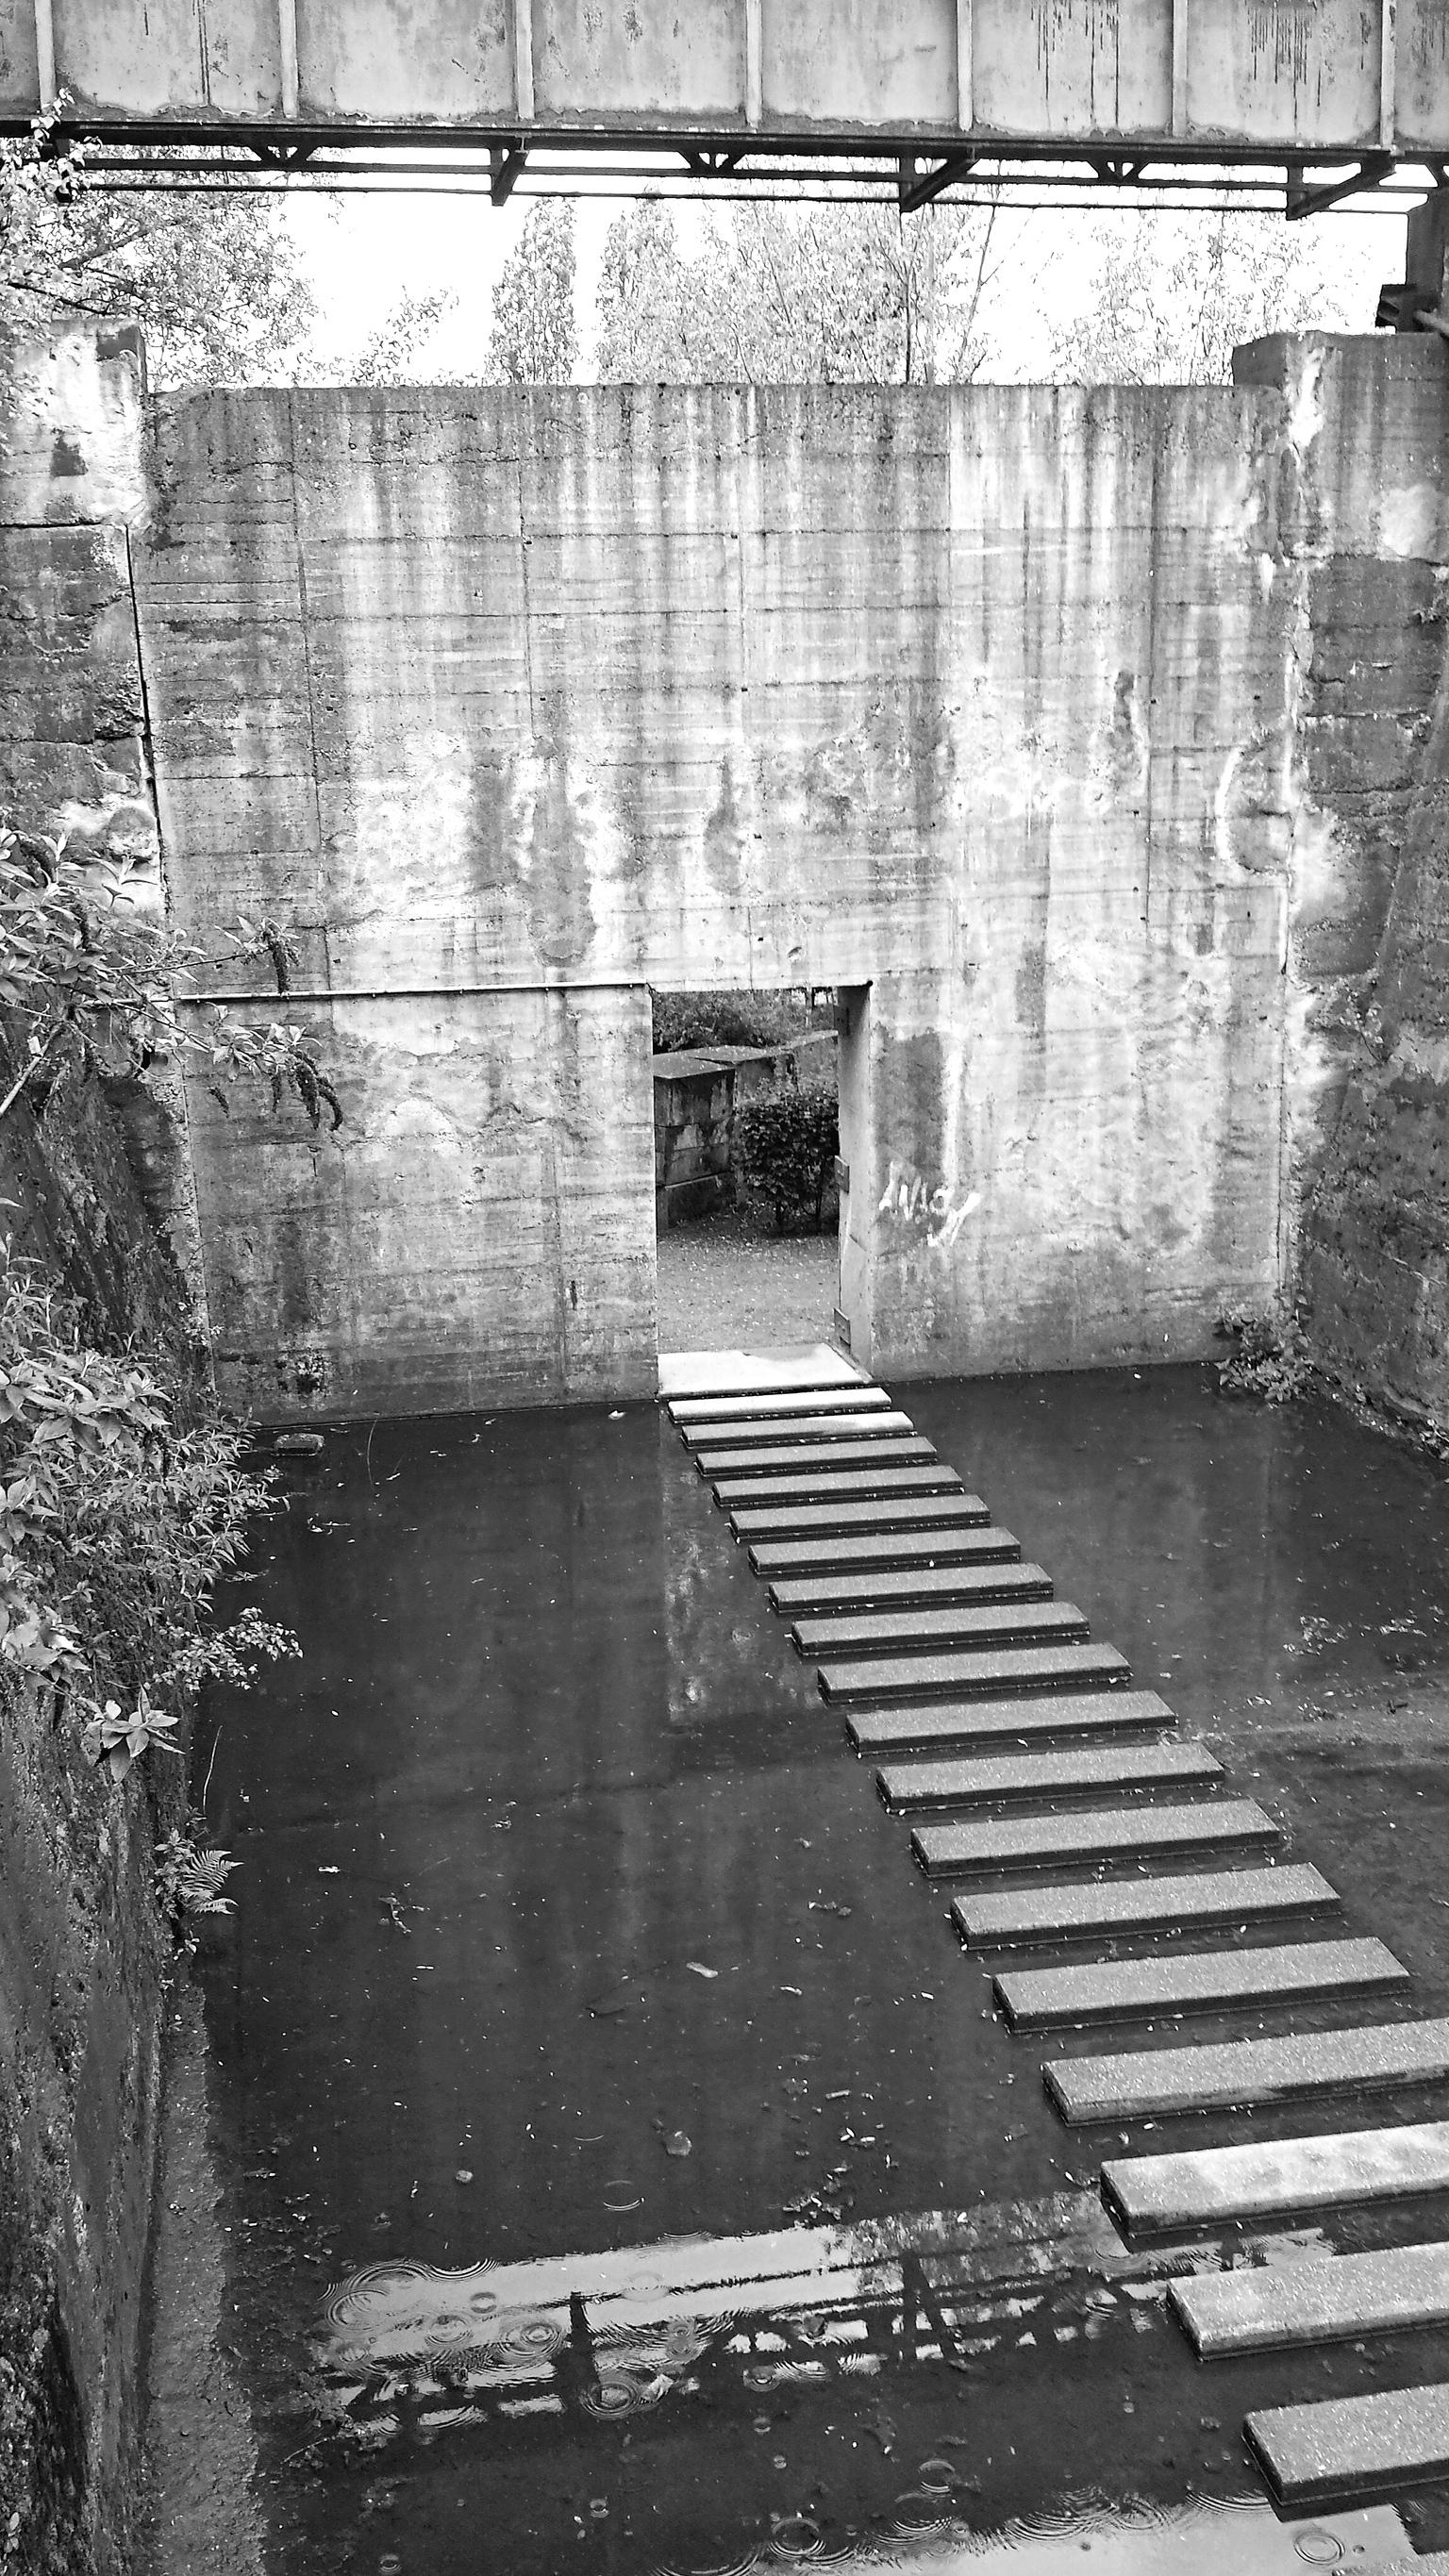 Mystiek - Vervlogen tijden. - foto door DianaVenus op 15-04-2021 - locatie: Duitsland - deze foto bevat: water, watervoorraden, zwart, steen, metselwerk, zwart en wit, waterloop, lichaam van water, stijl, hout